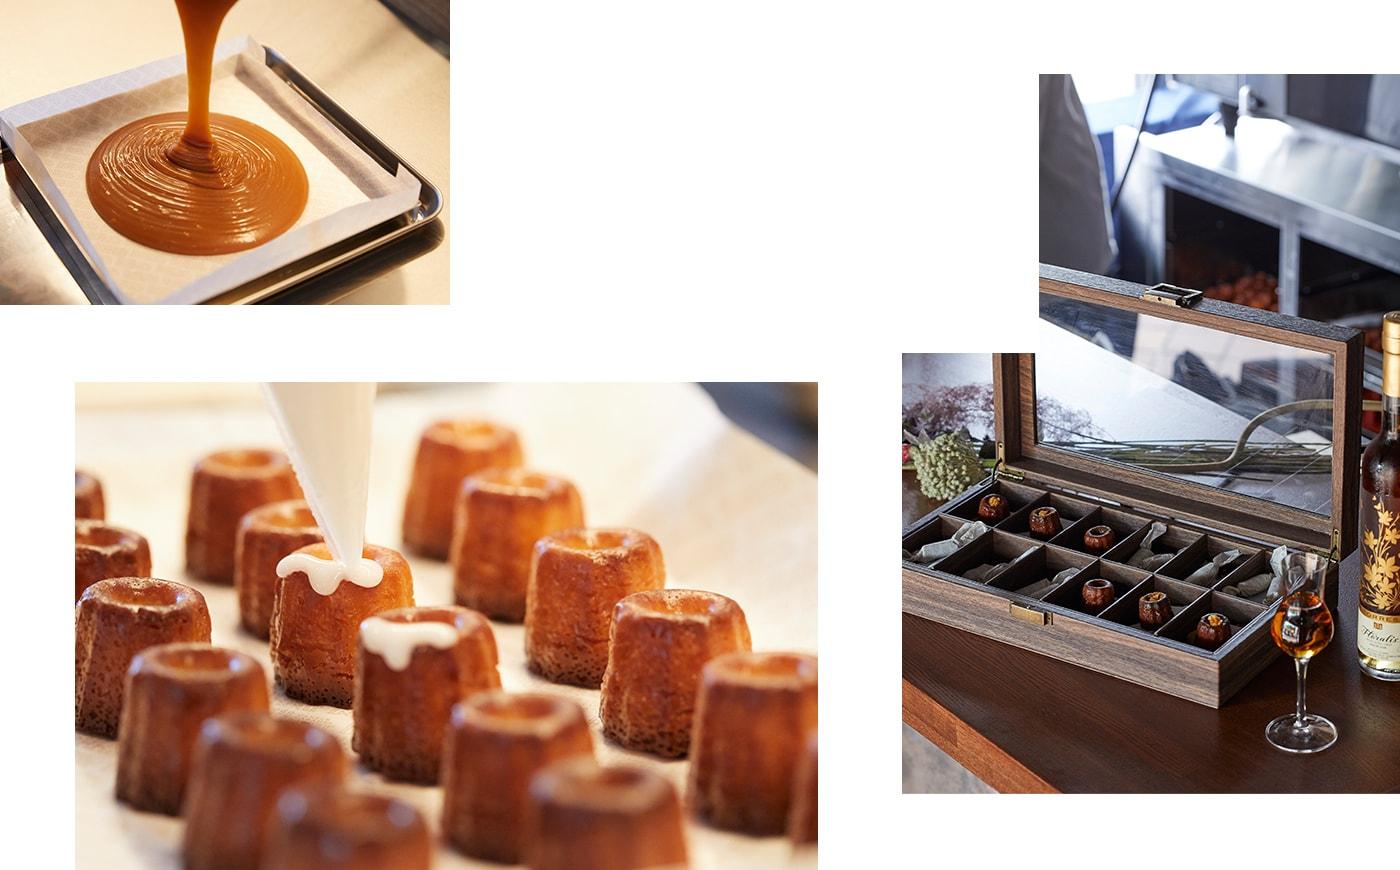 Penheurは神戸北野でカヌレとキャラメルを作っているお菓子屋さんです。